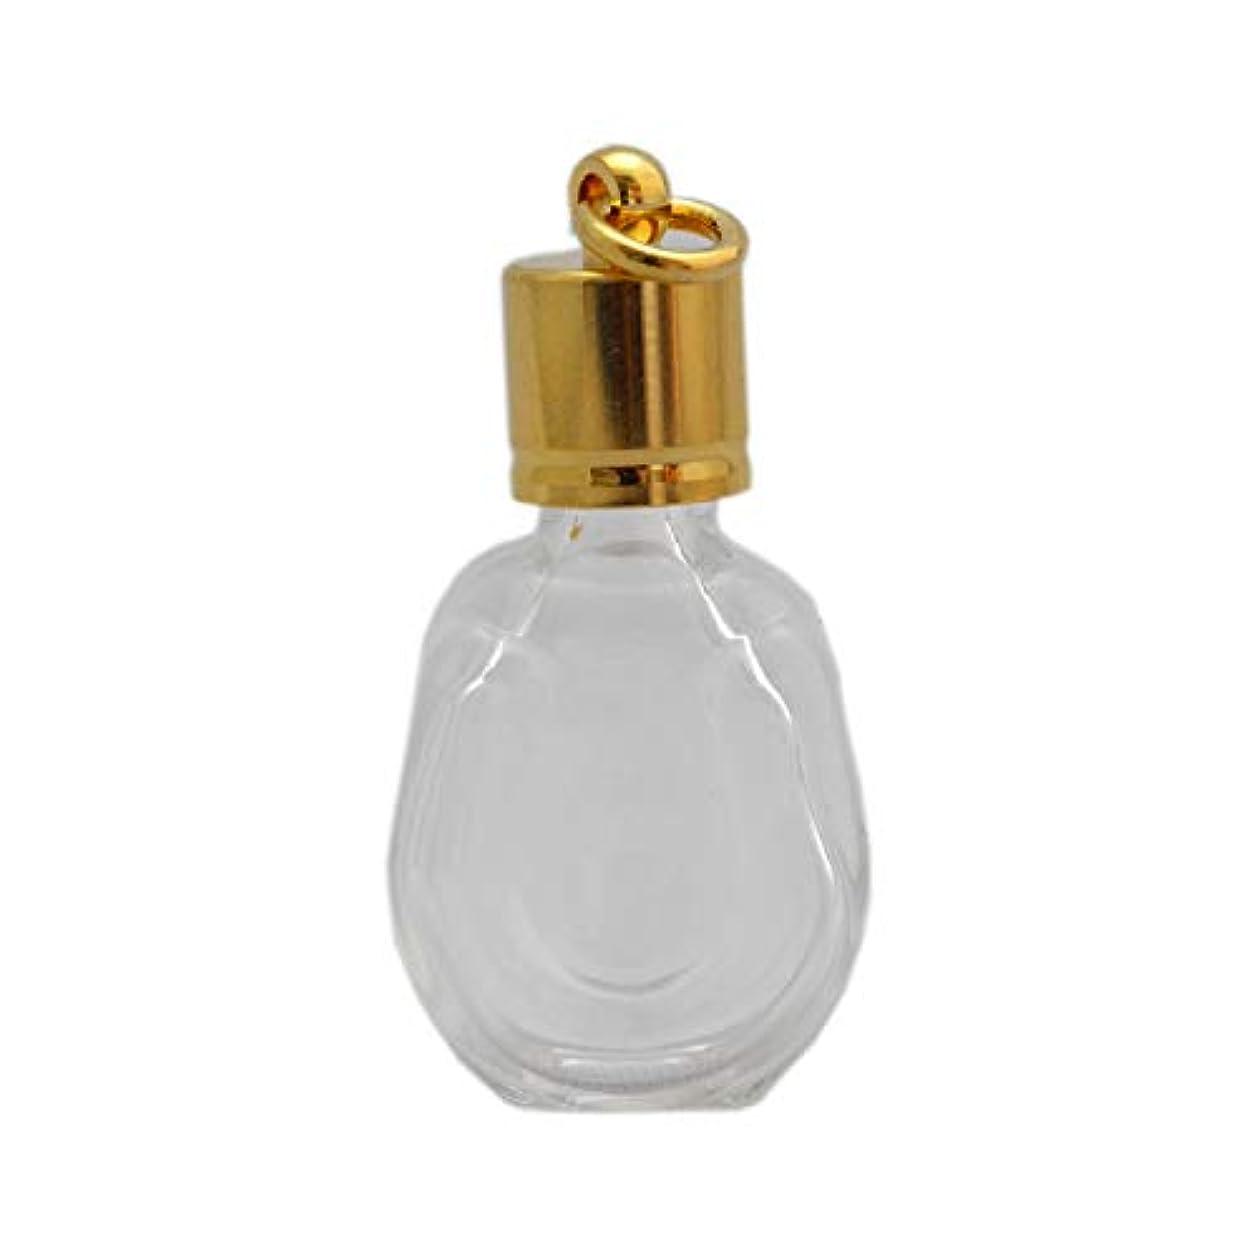 シンジケート扇動する段落ミニ香水瓶 アロマペンダントトップ 馬蹄型(透明 容量1.3ml)×穴あきキャップ ゴールド